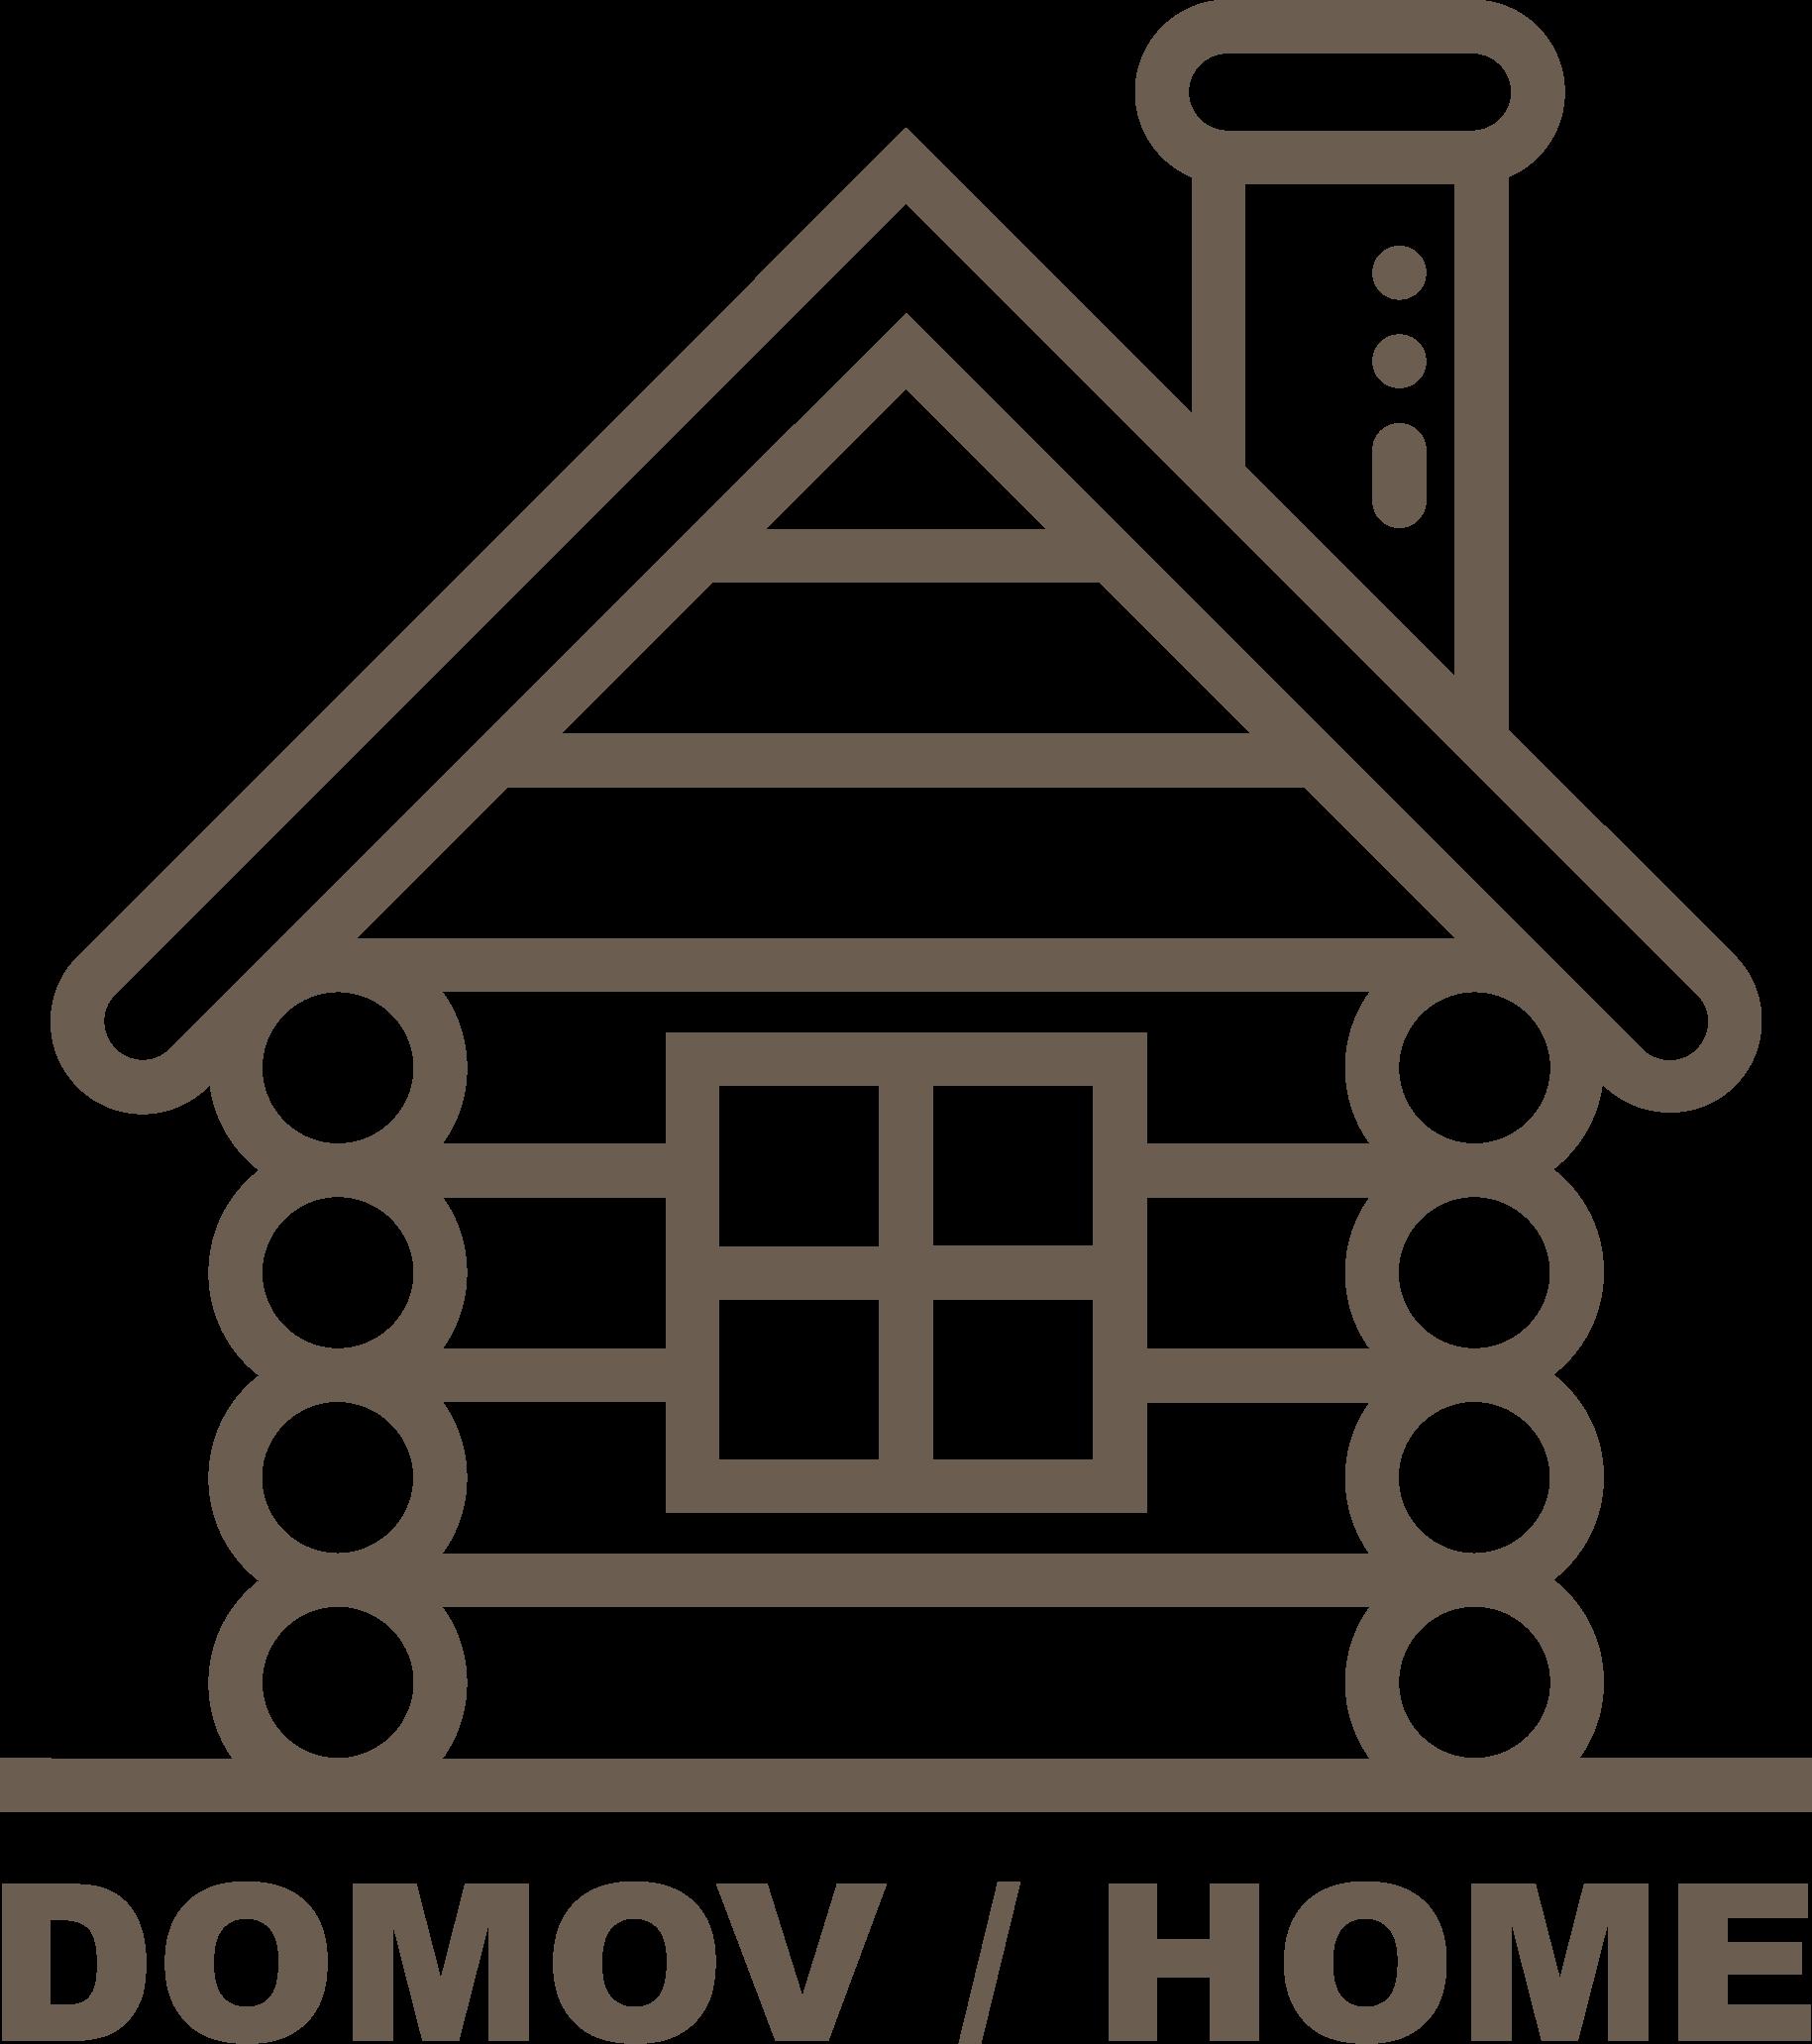 logo s popisom